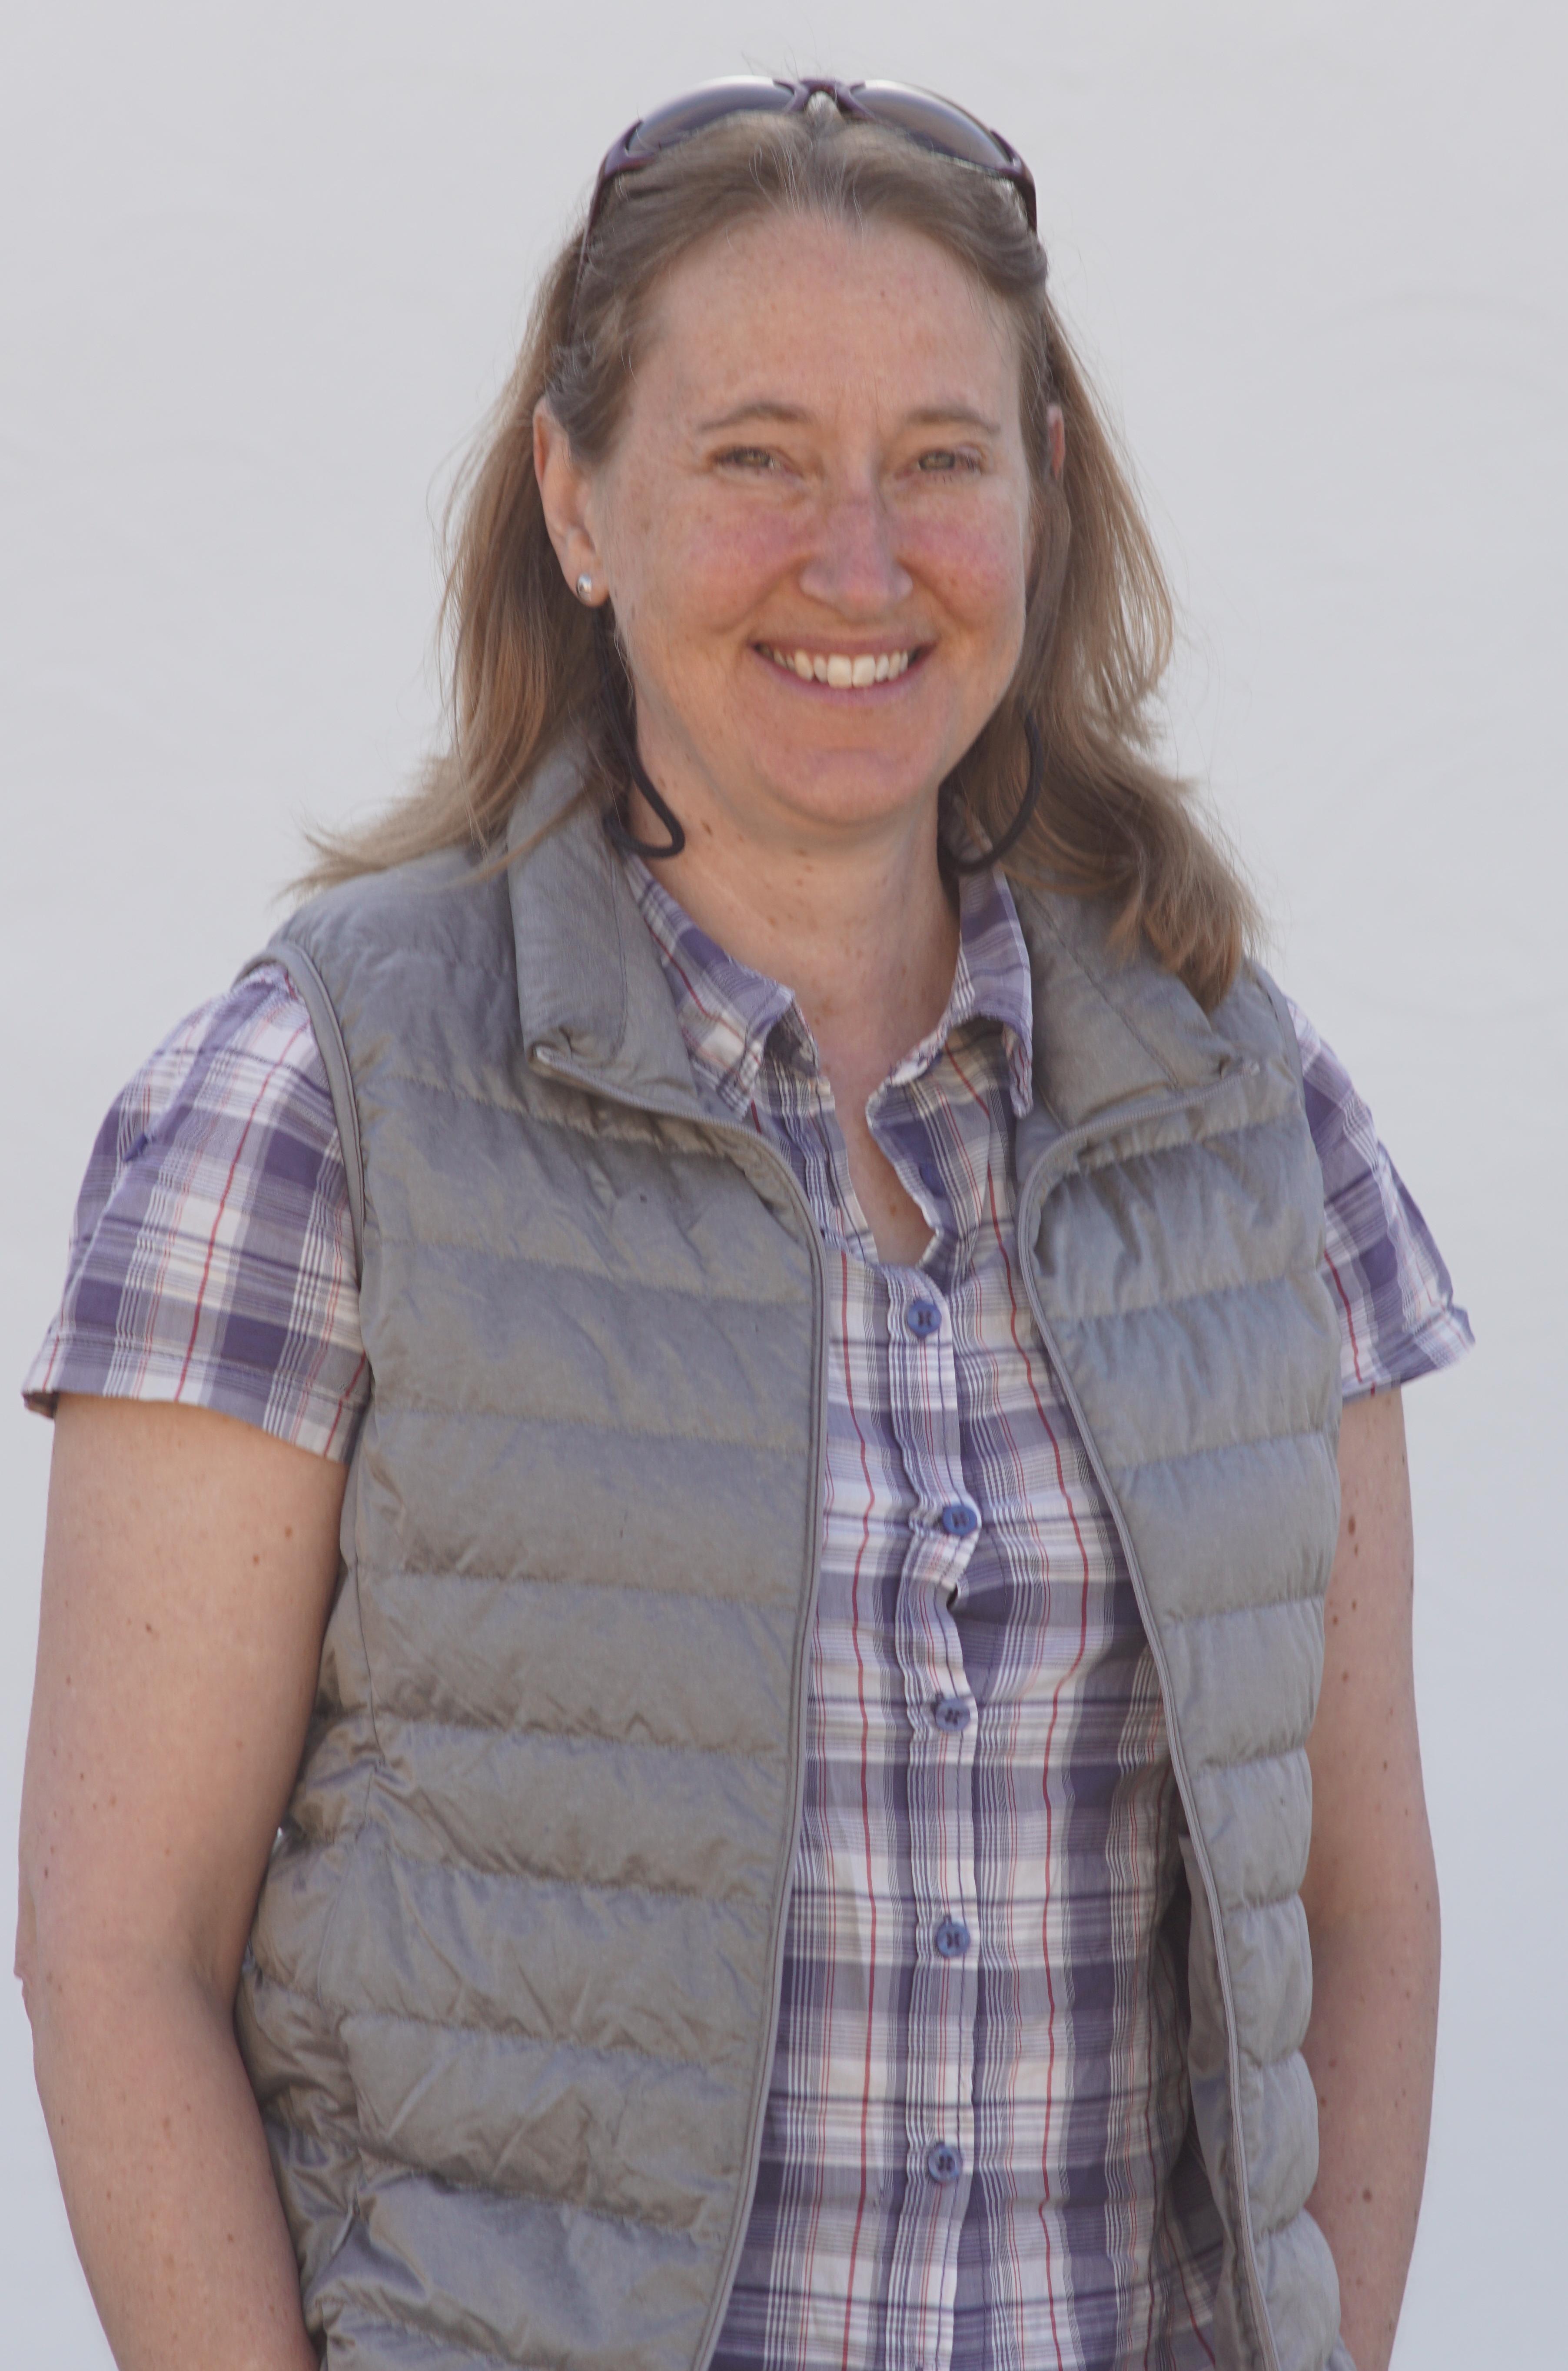 Rochelle Gadd